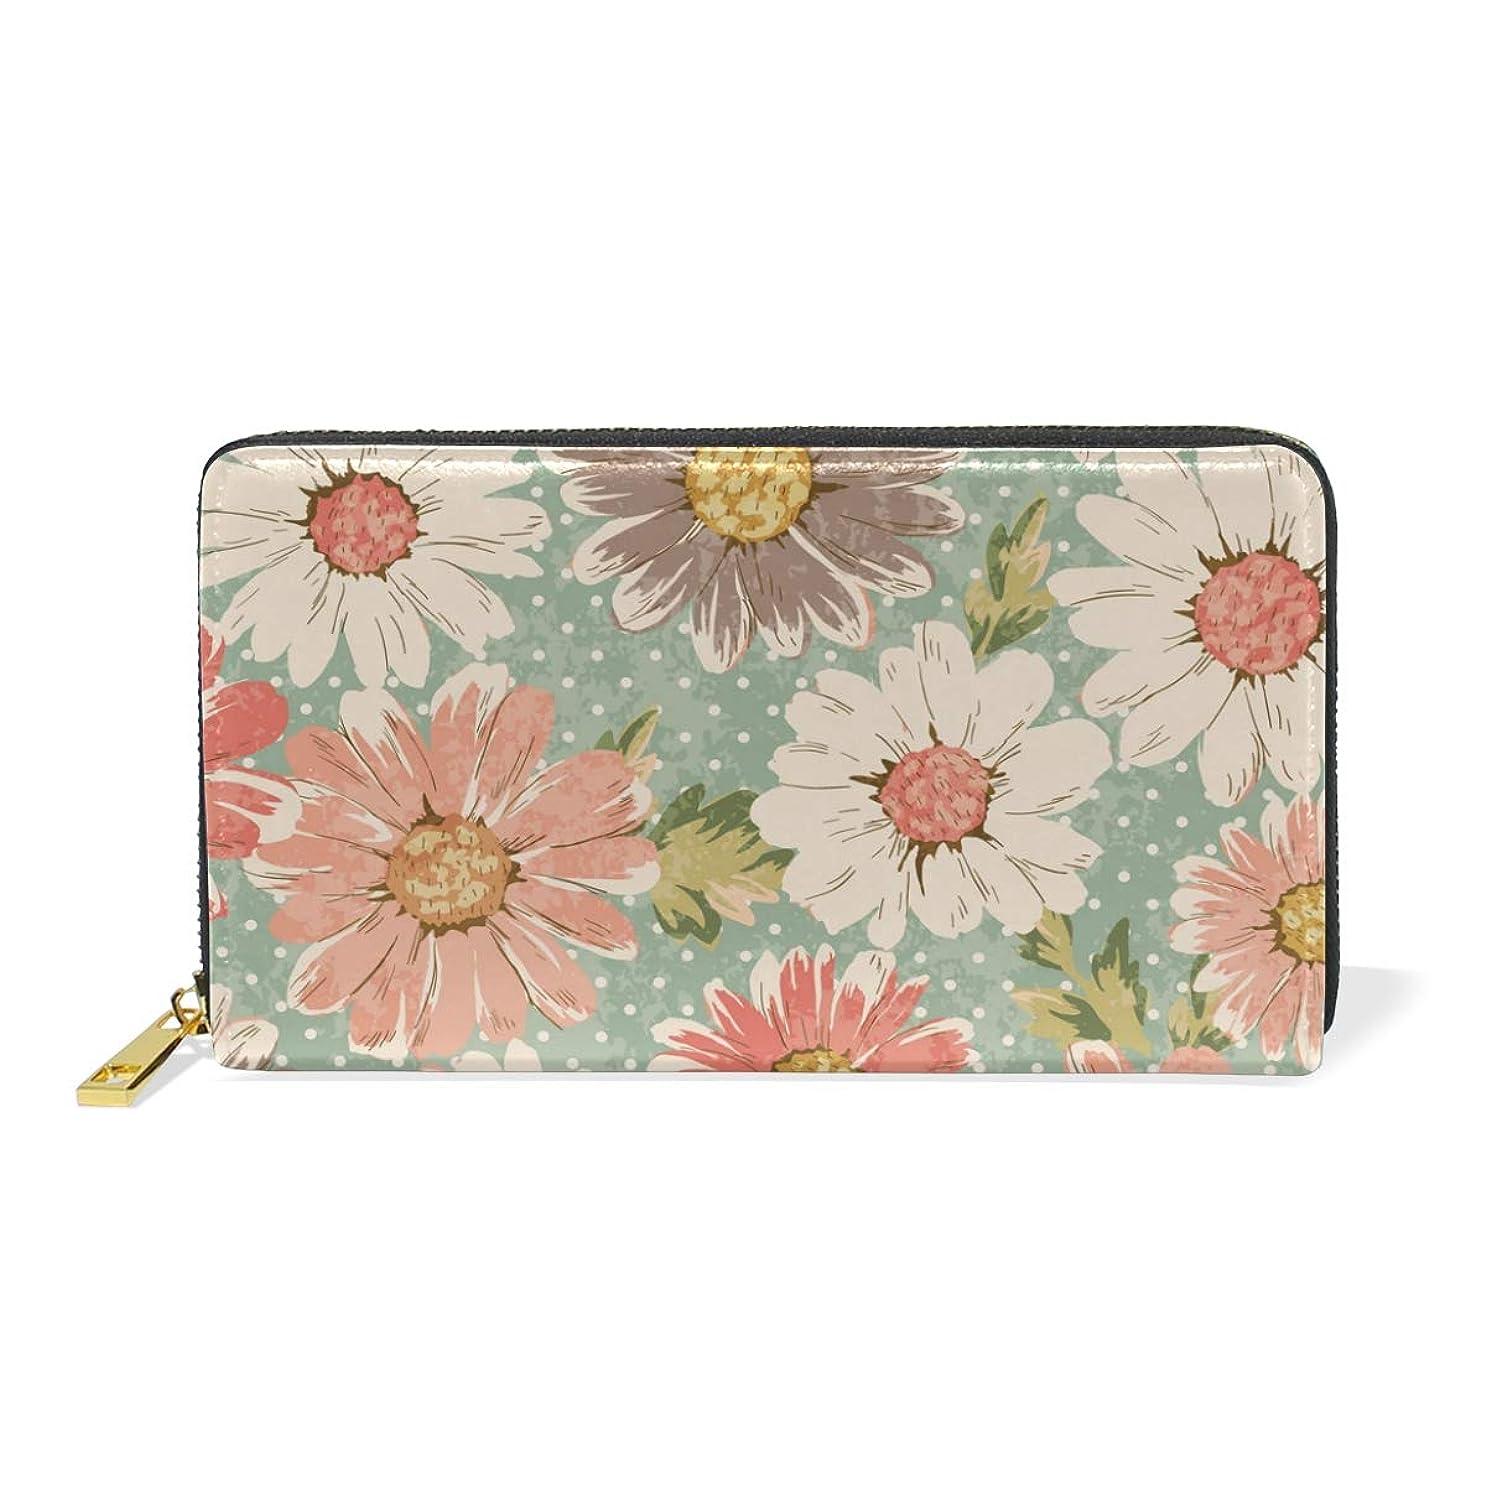 に沿ってブロンズ間隔マキク(MAKIKU) 長財布 レディース 大容量 花柄 レザー 革 プレゼント対応